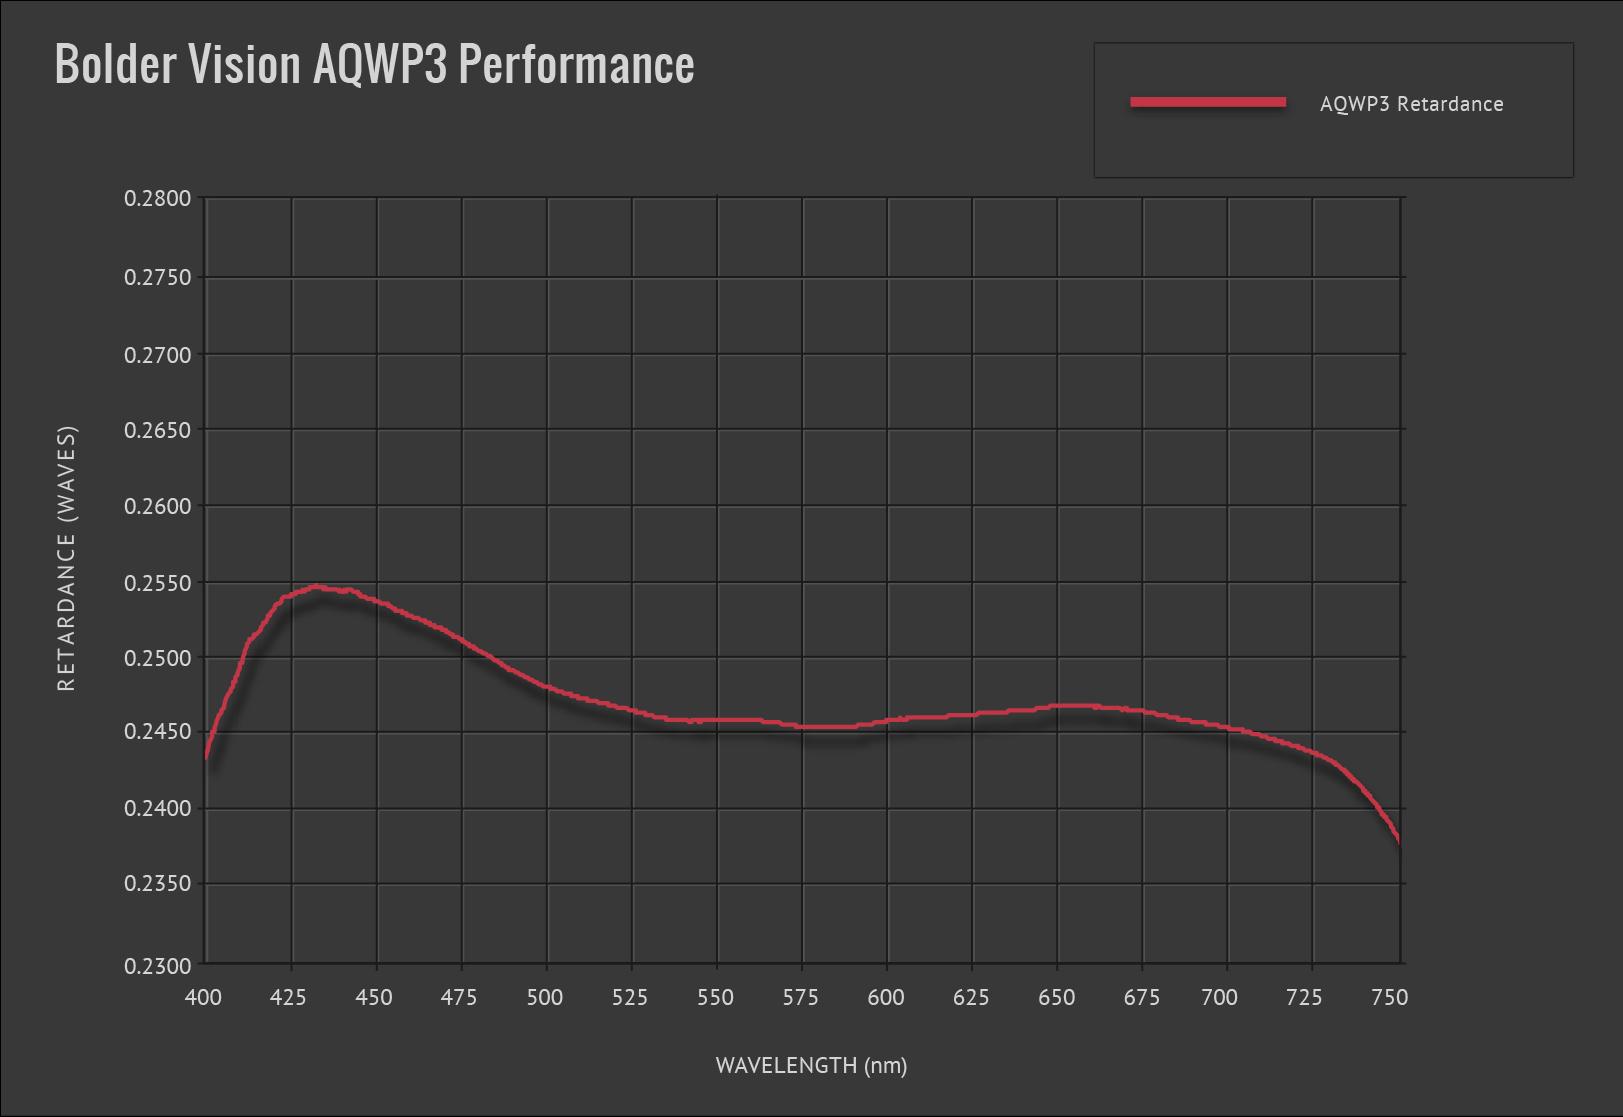 Bolder Vision Waveplate AQWP3